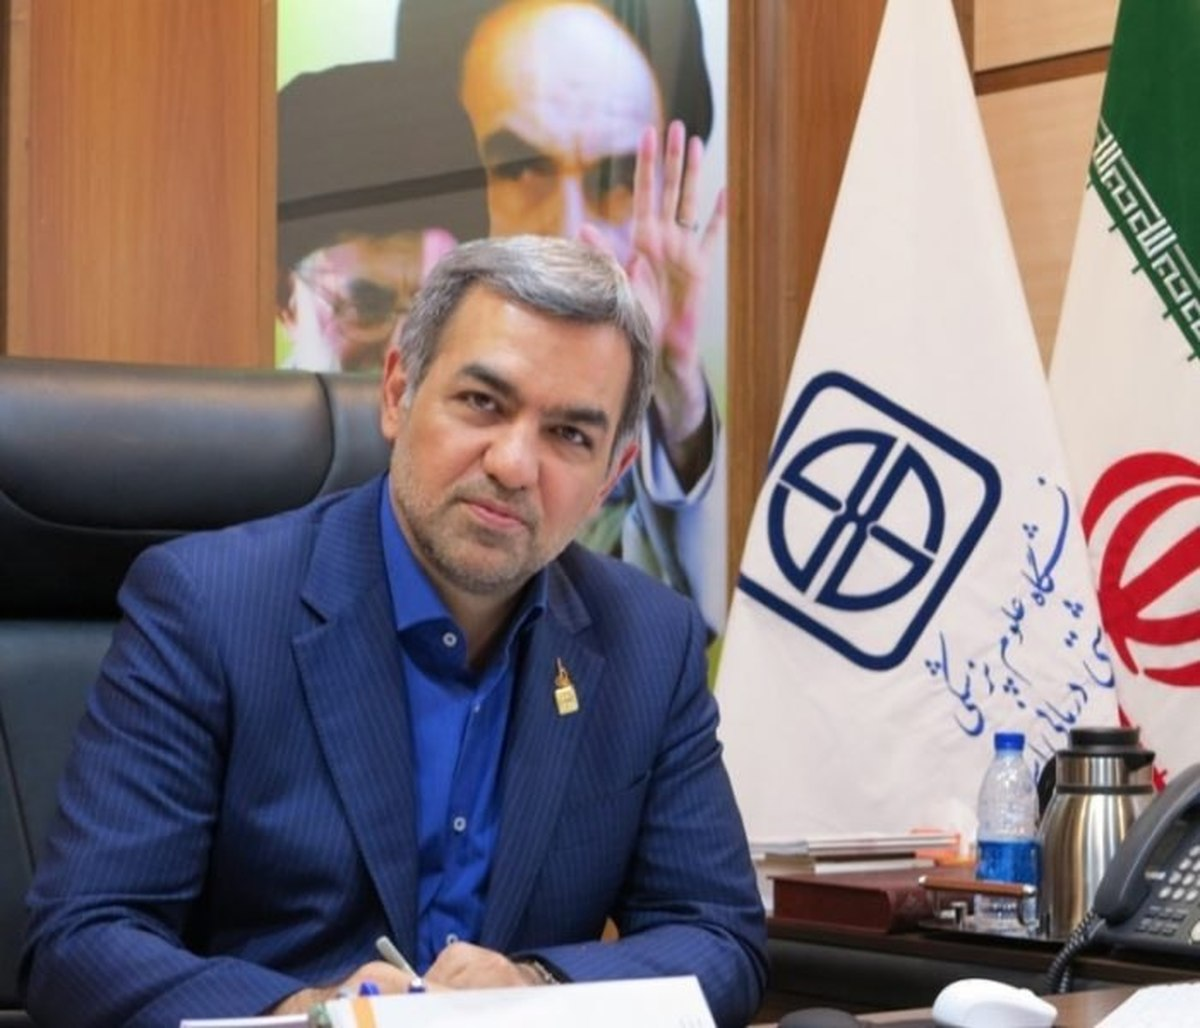 شرایط پیوند عضو اتباع خارجی در ایران + جزییات